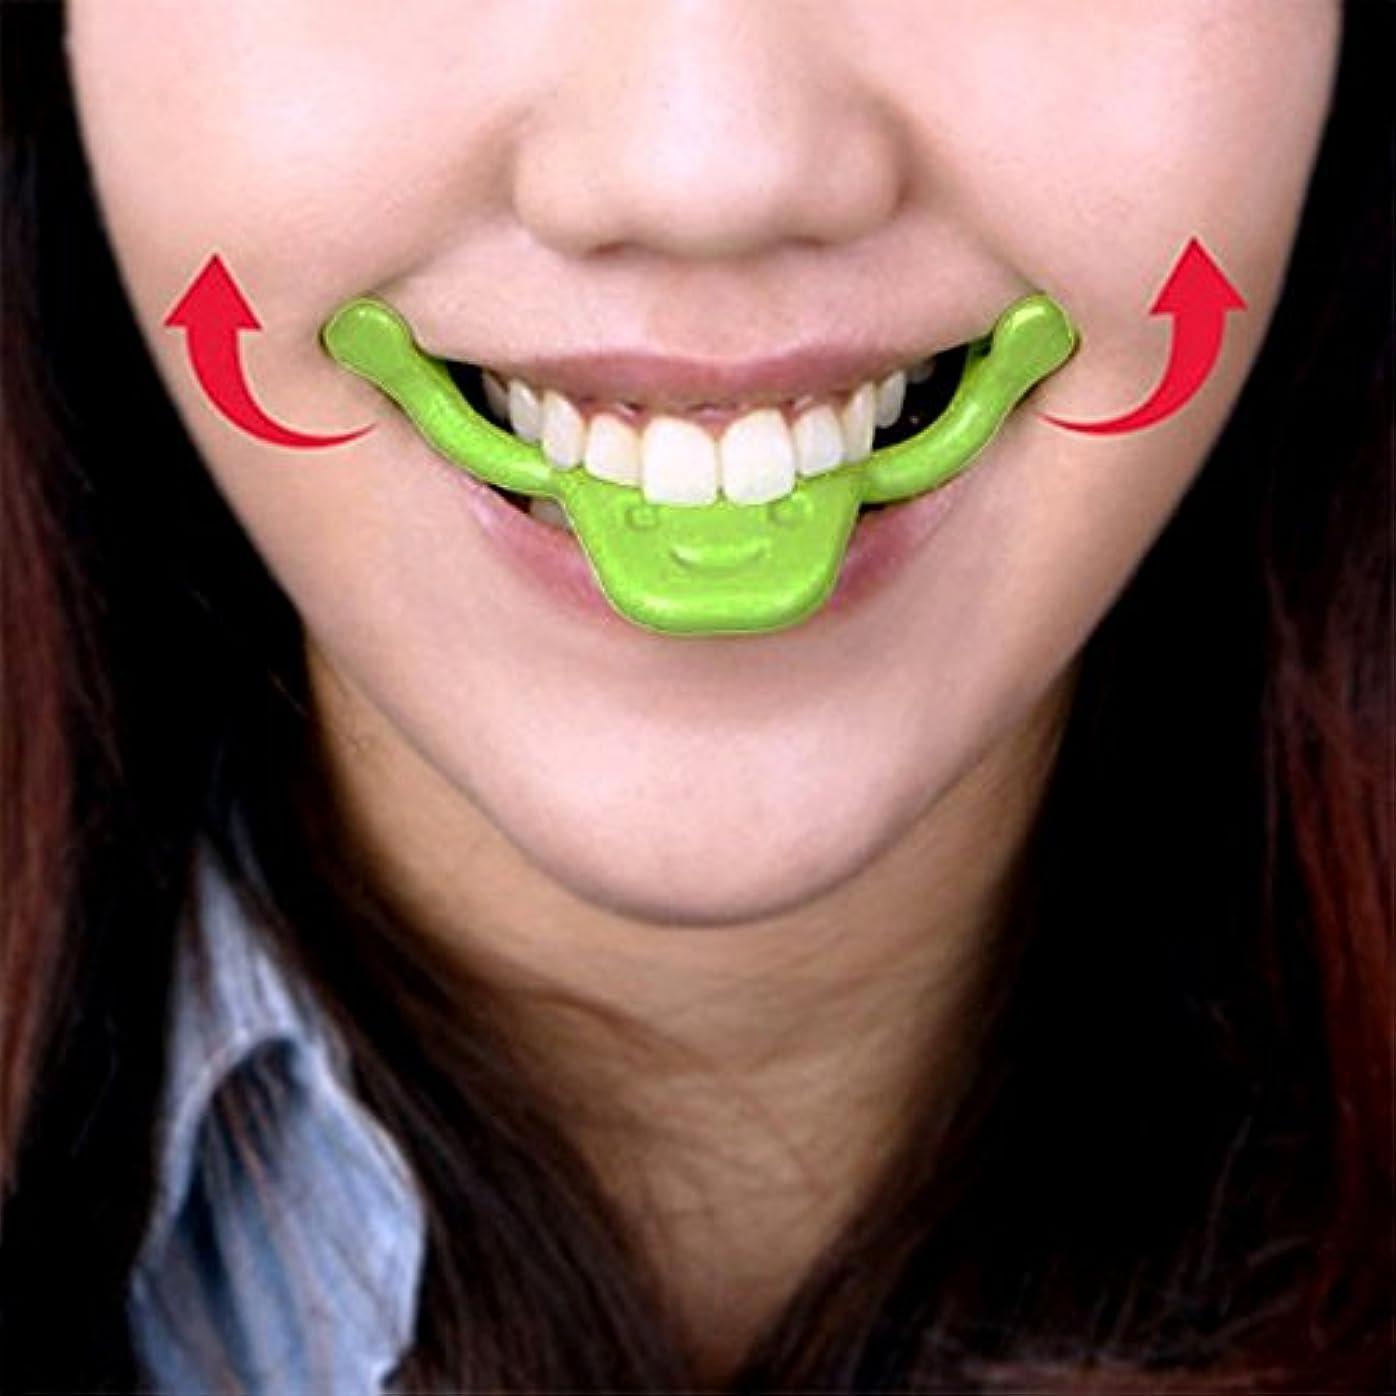 取り除く液体等しい表情筋 トレーニング 小顔 ストレッチ ほうれい線 二重 あご 消す 口角を上げるグッズ 美顔 顔痩せ リフトアップ マウスピース フェイシャルフィットネス (タイプ2)